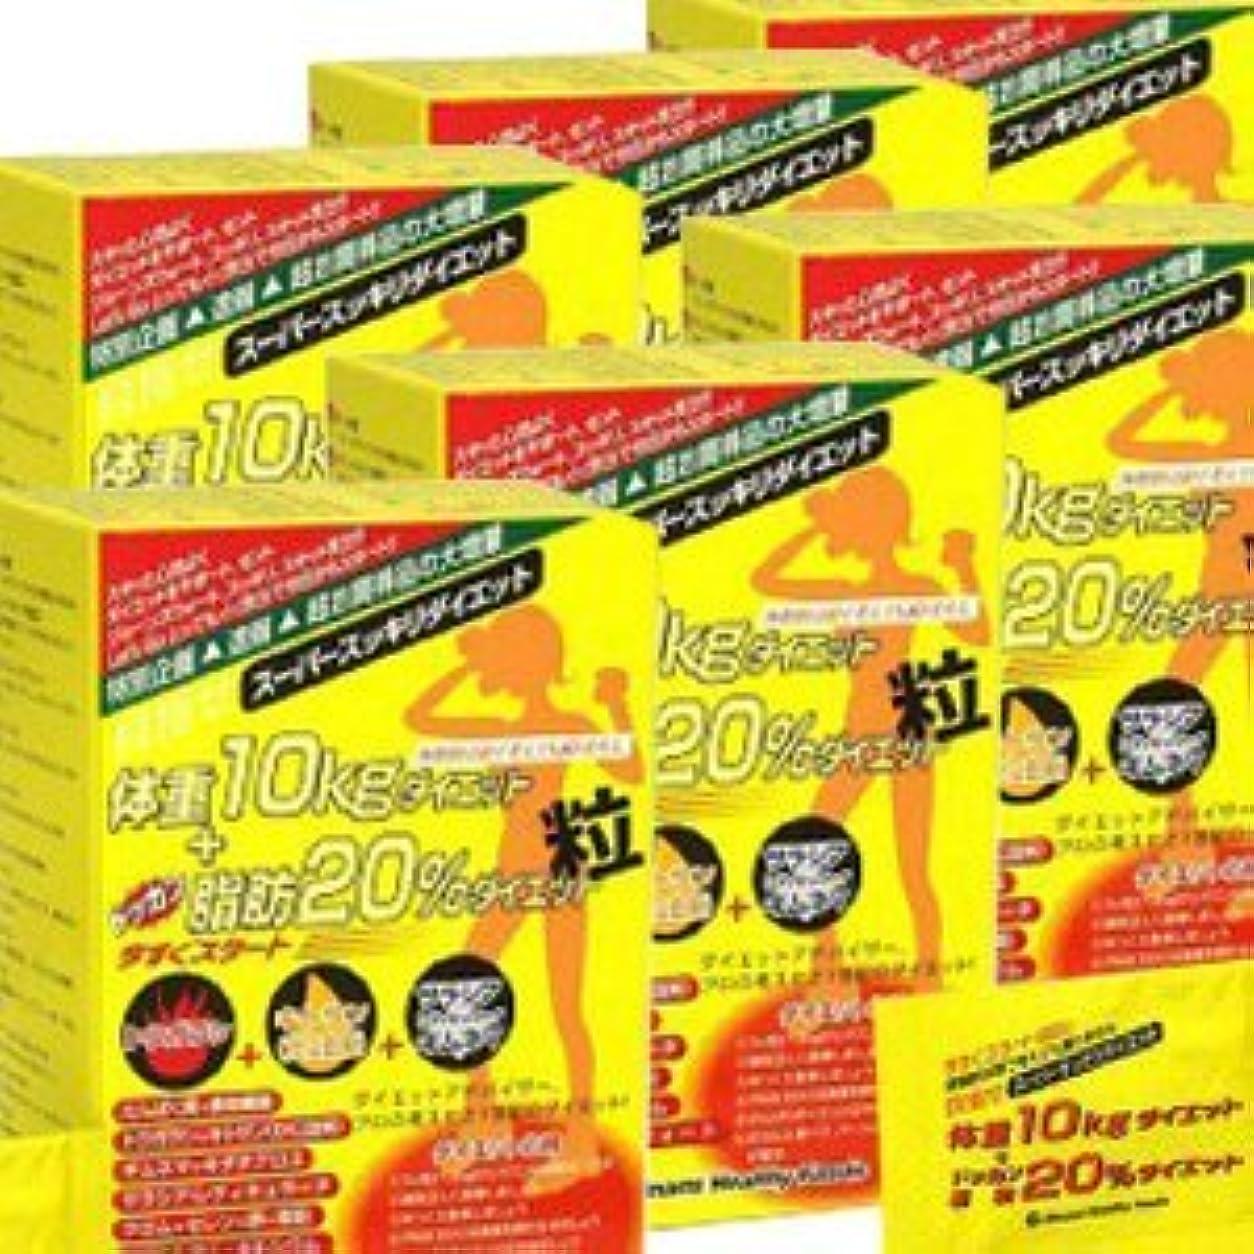 不十分なホームブースト【24箱1ケース】目指せ体重10kgダイエット+ドッカン脂肪20%ダイエット粒 (6粒x75袋)x24箱 (4945904010341)